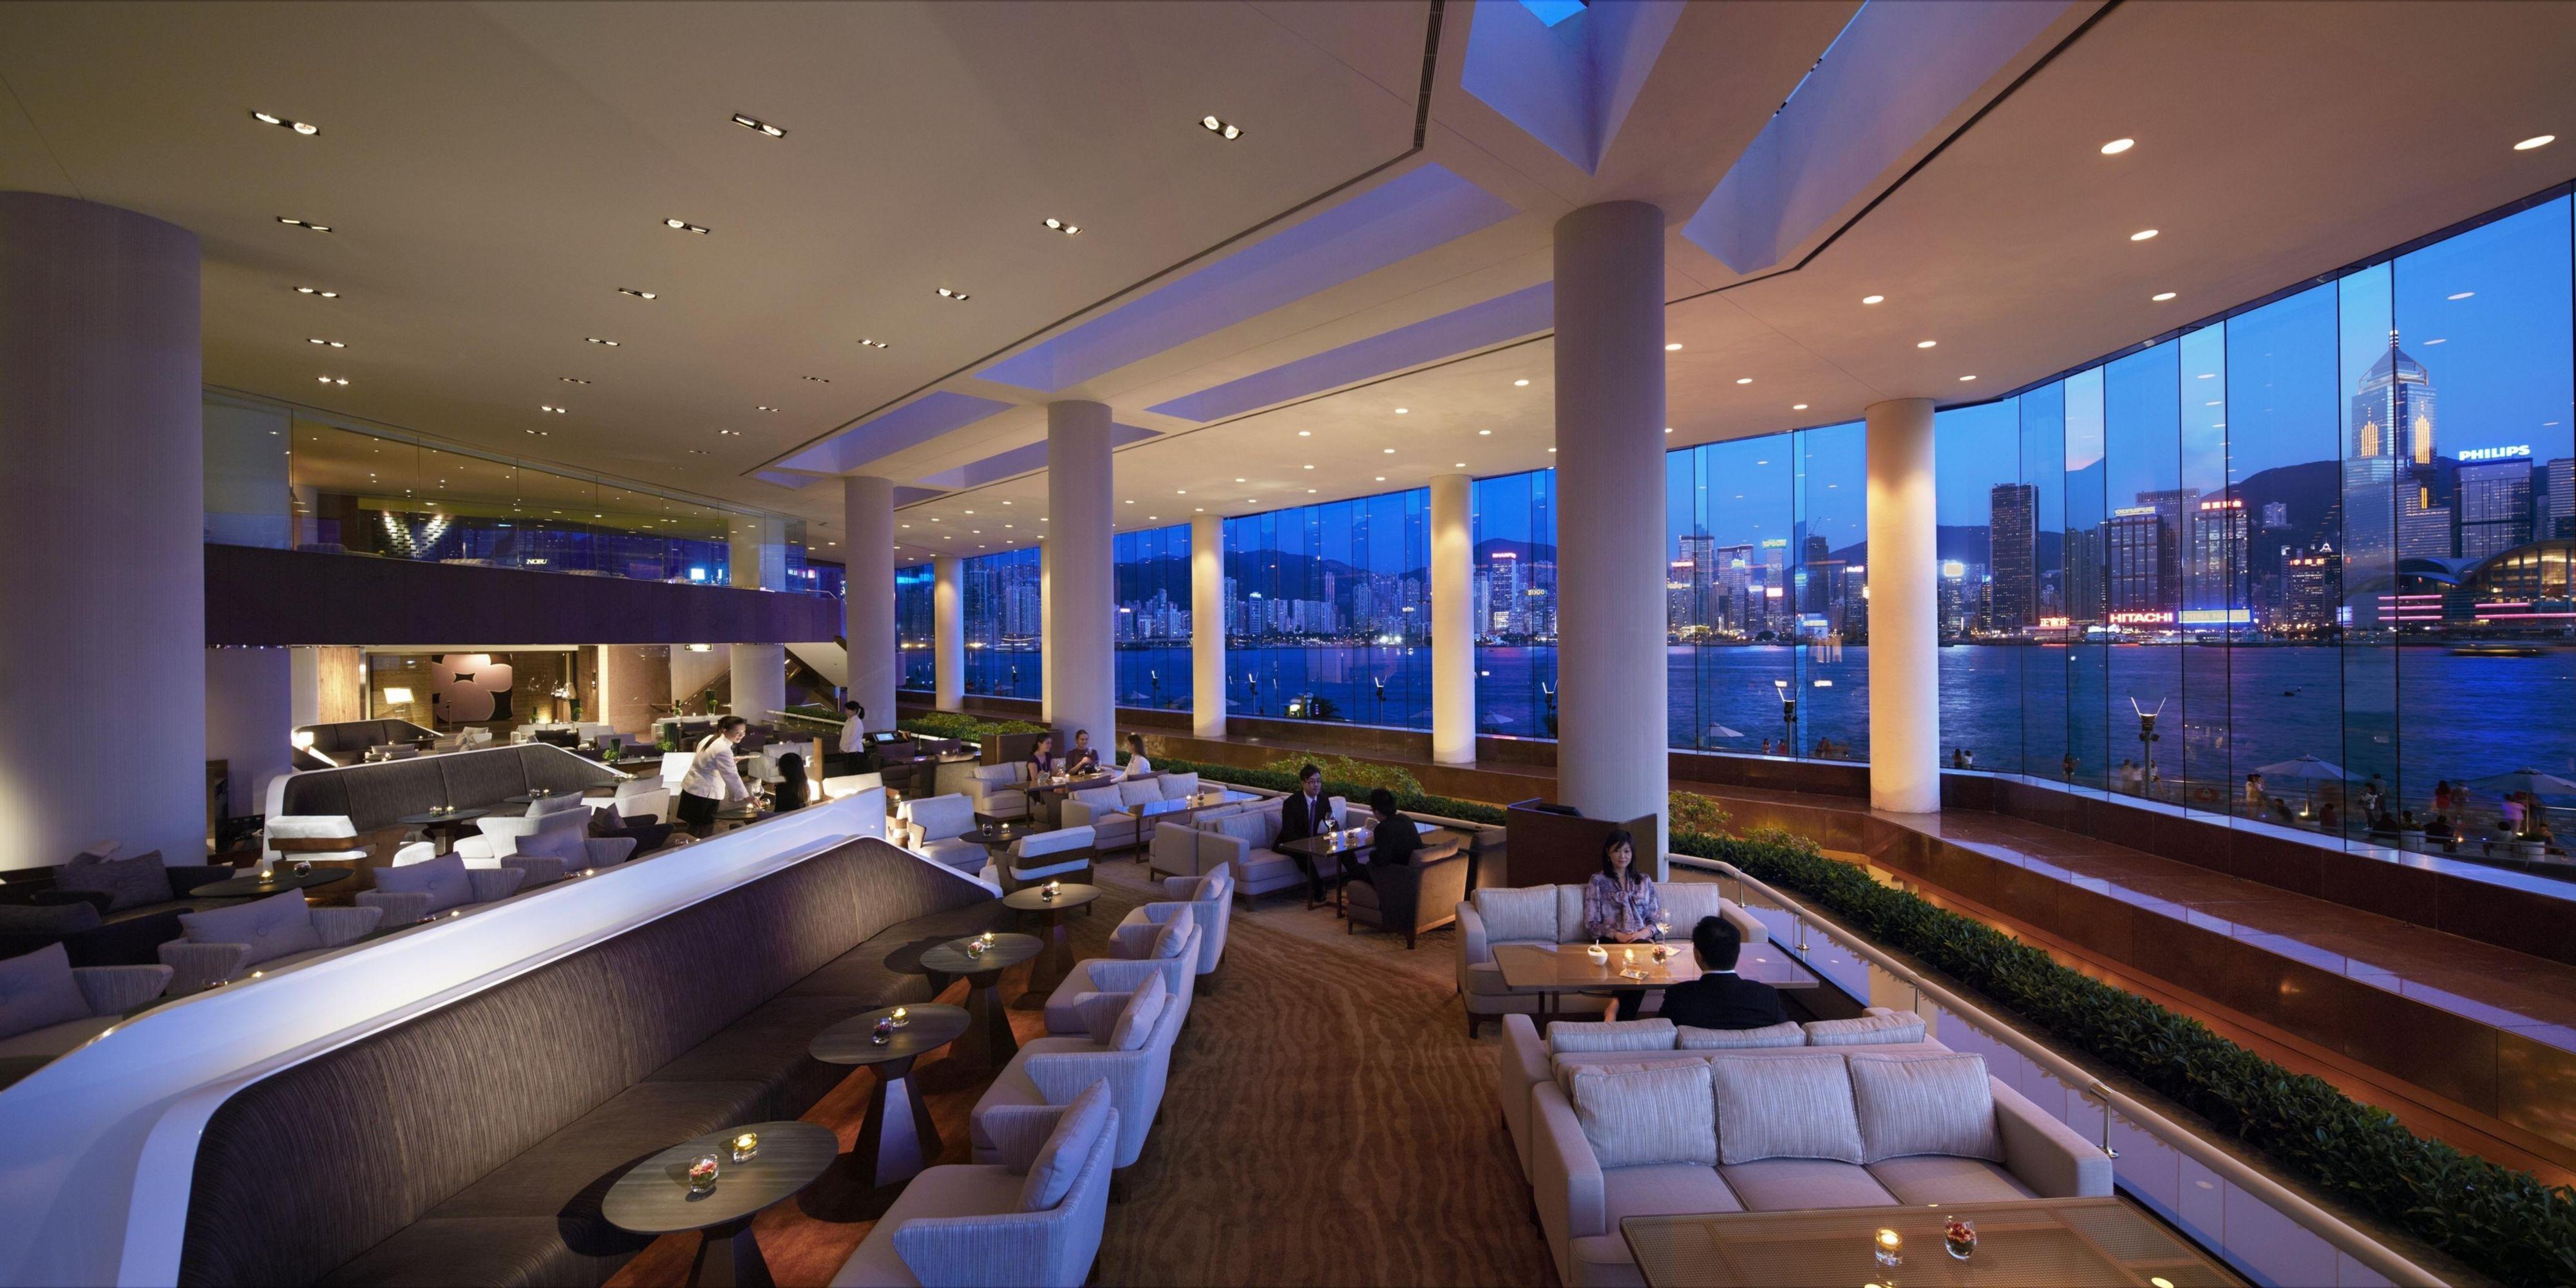 InterContinental Hong Kong (IHG Regent Hotels)